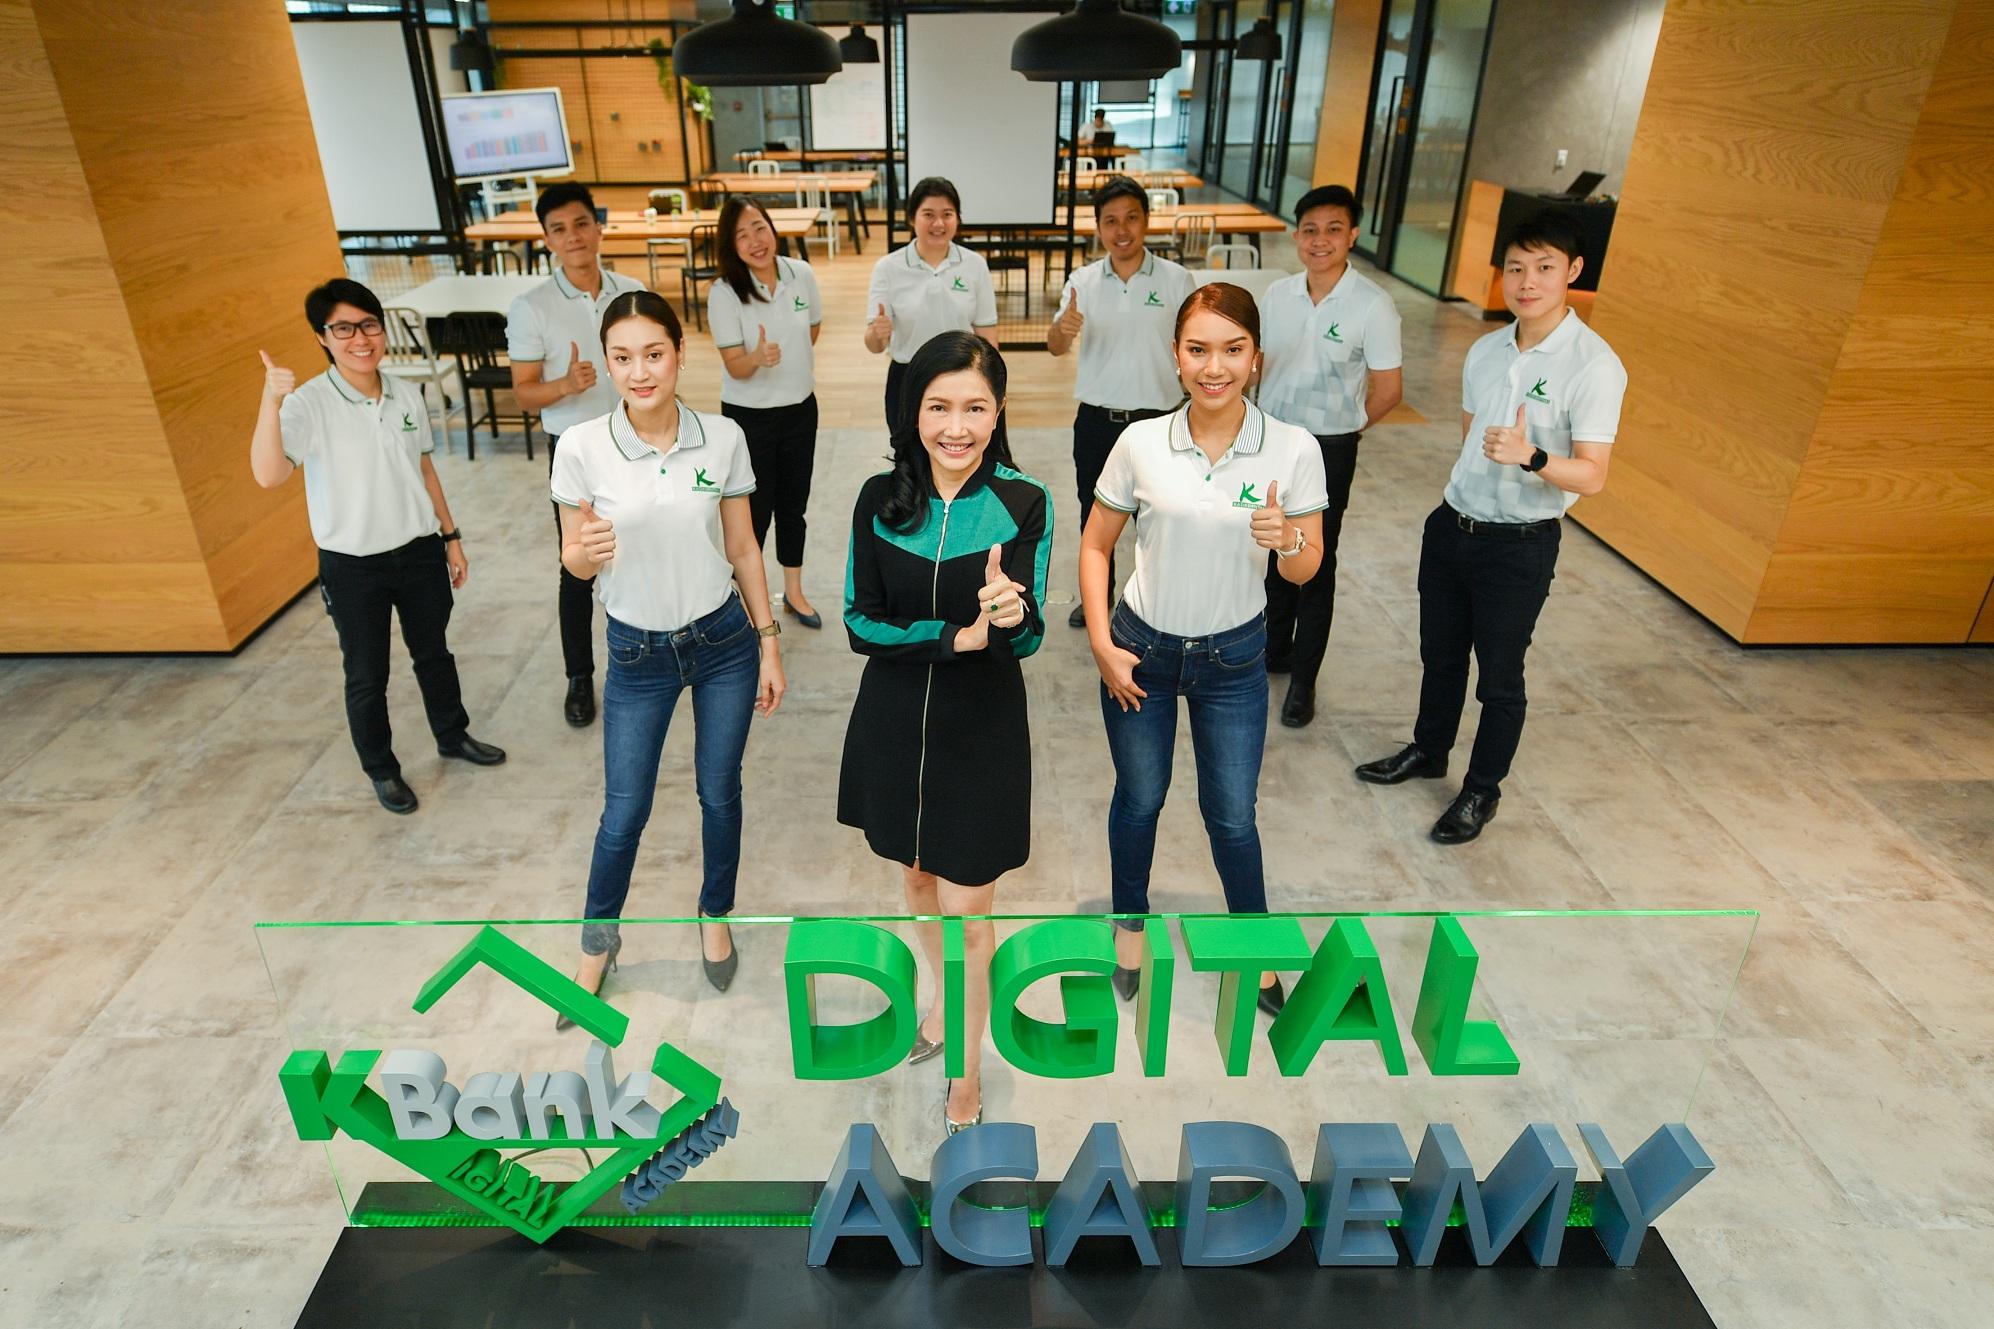 กสิกรไทย เปิดตัวKBank Digital Academy  พื้นที่แห่งการเรียนรู้เทคโนโลยีและต่อยอดด้านดิจิทัล